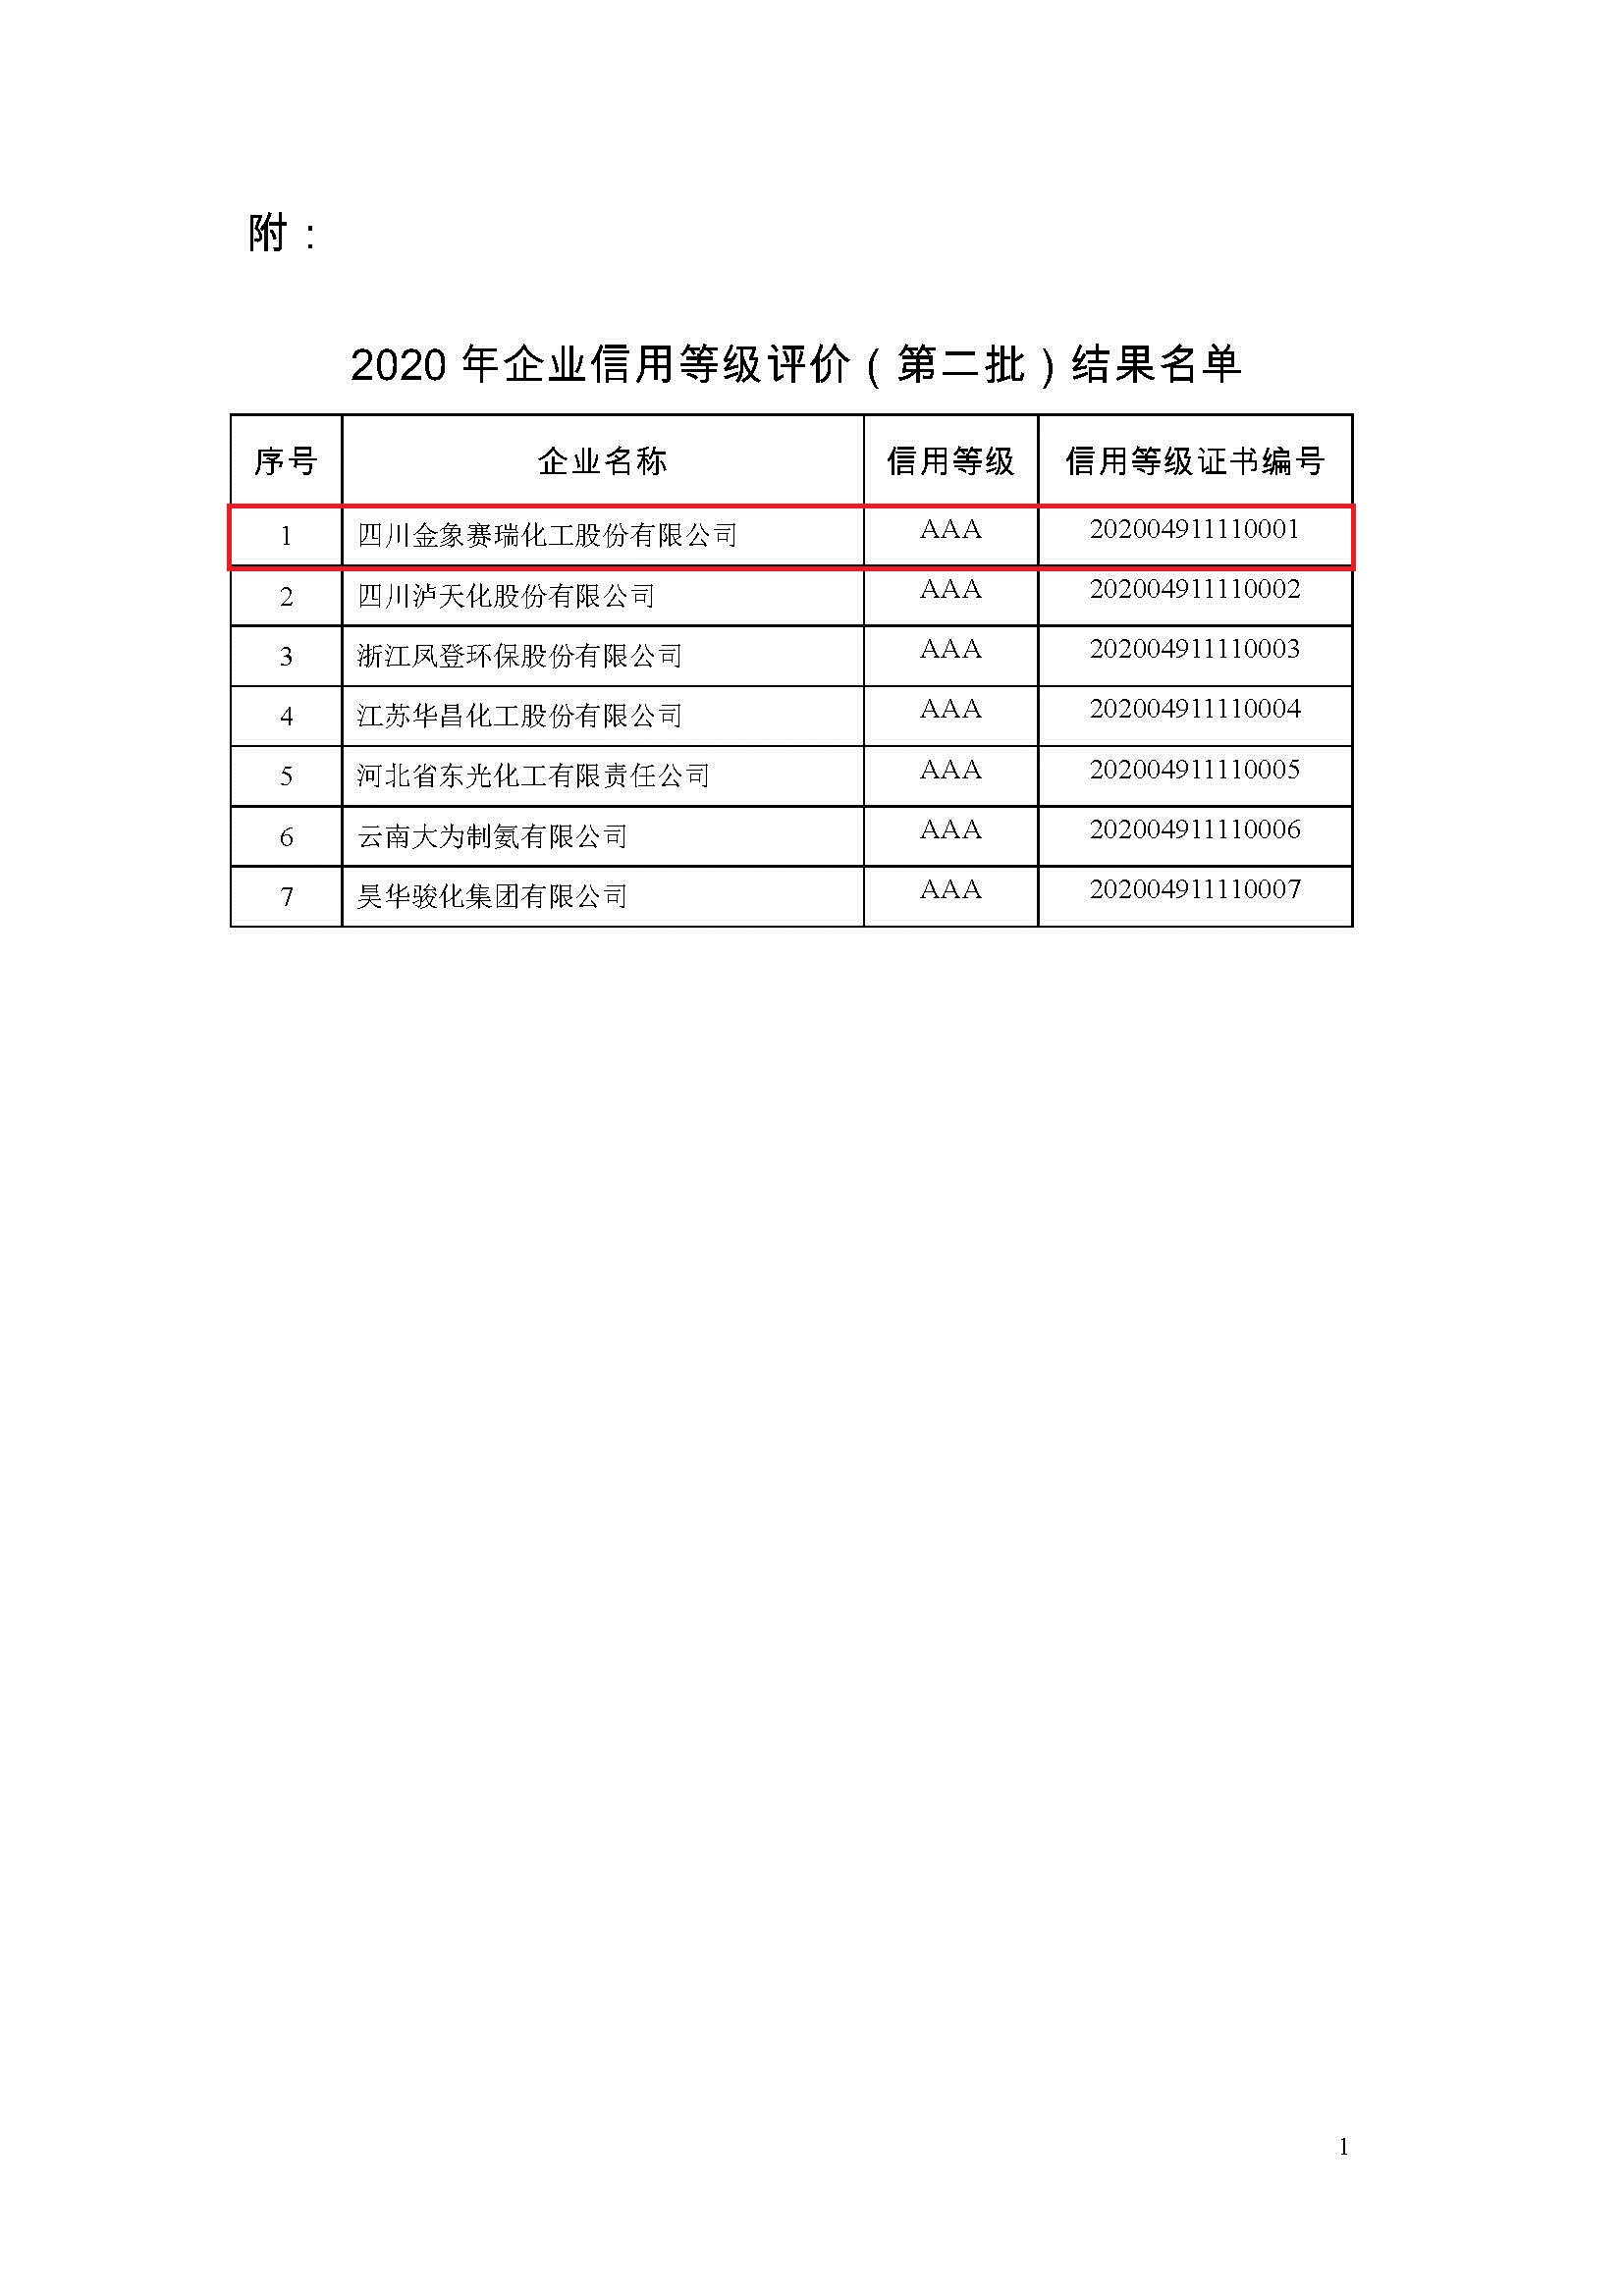 川雷火竞技亚洲获评AAA级信用等级